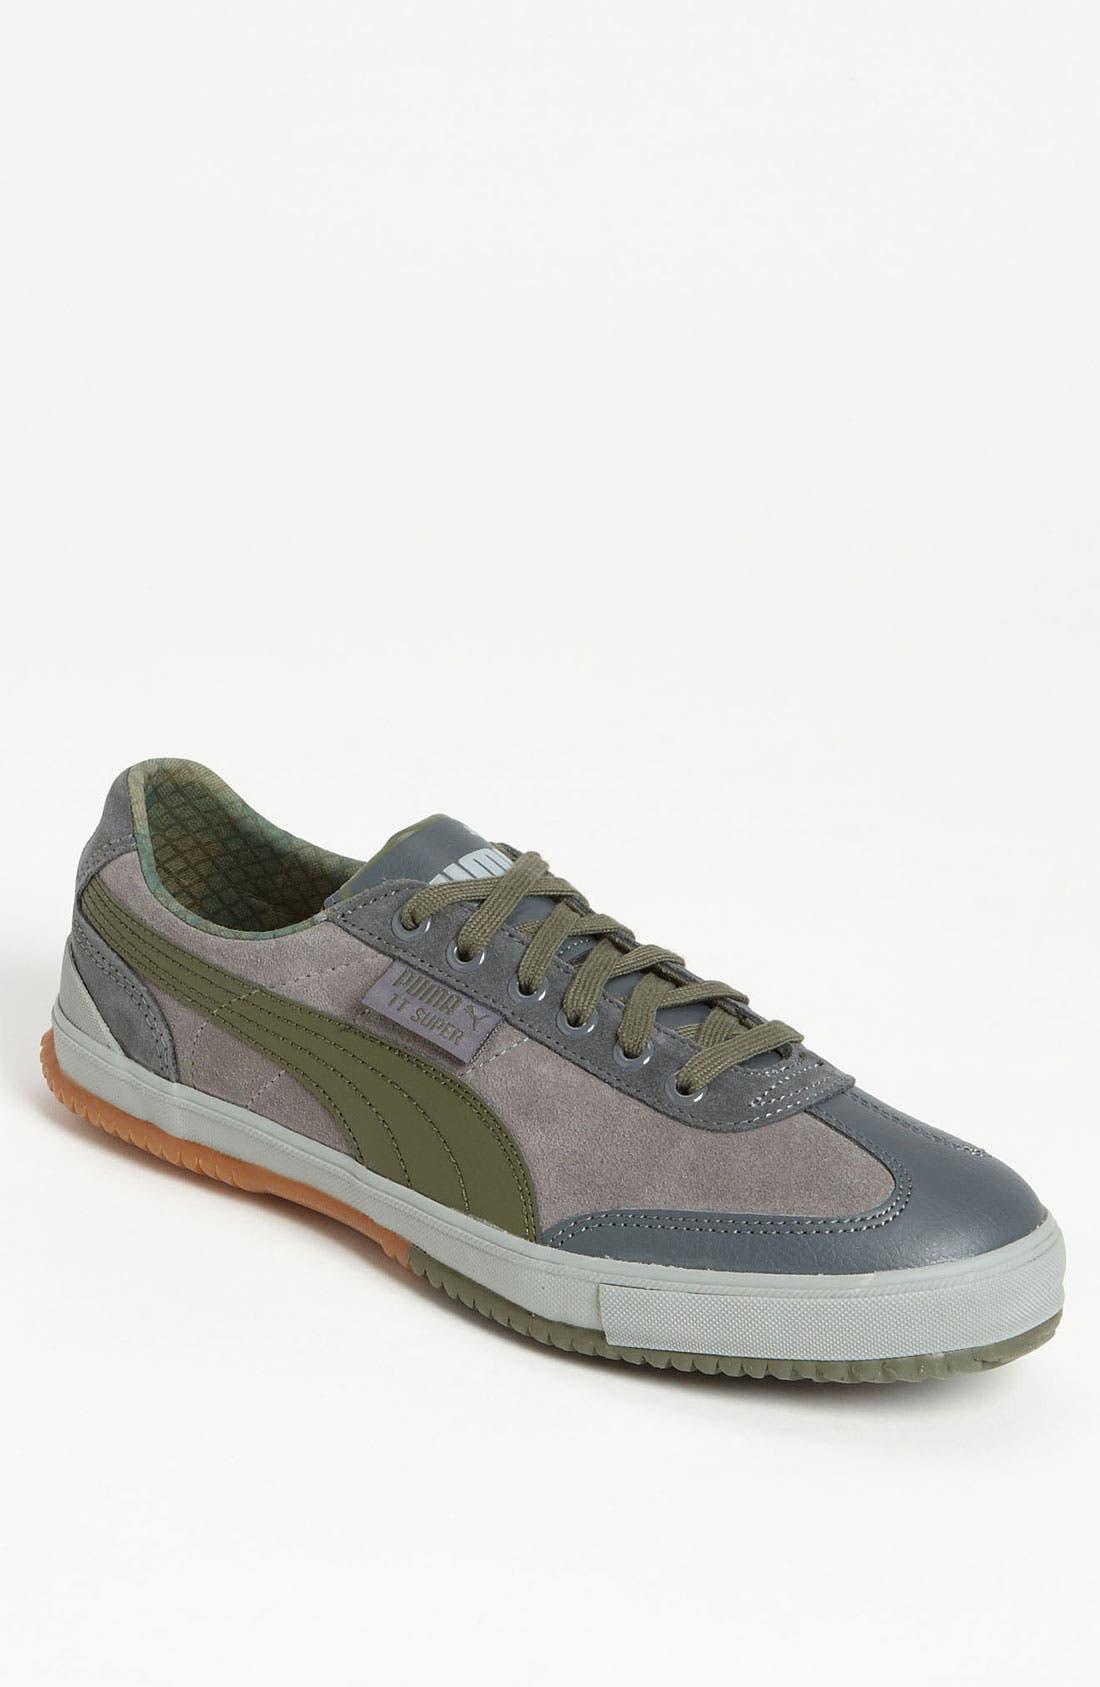 Alternate Image 1 Selected - PUMA 'TT Super LS' Sneaker (Men)